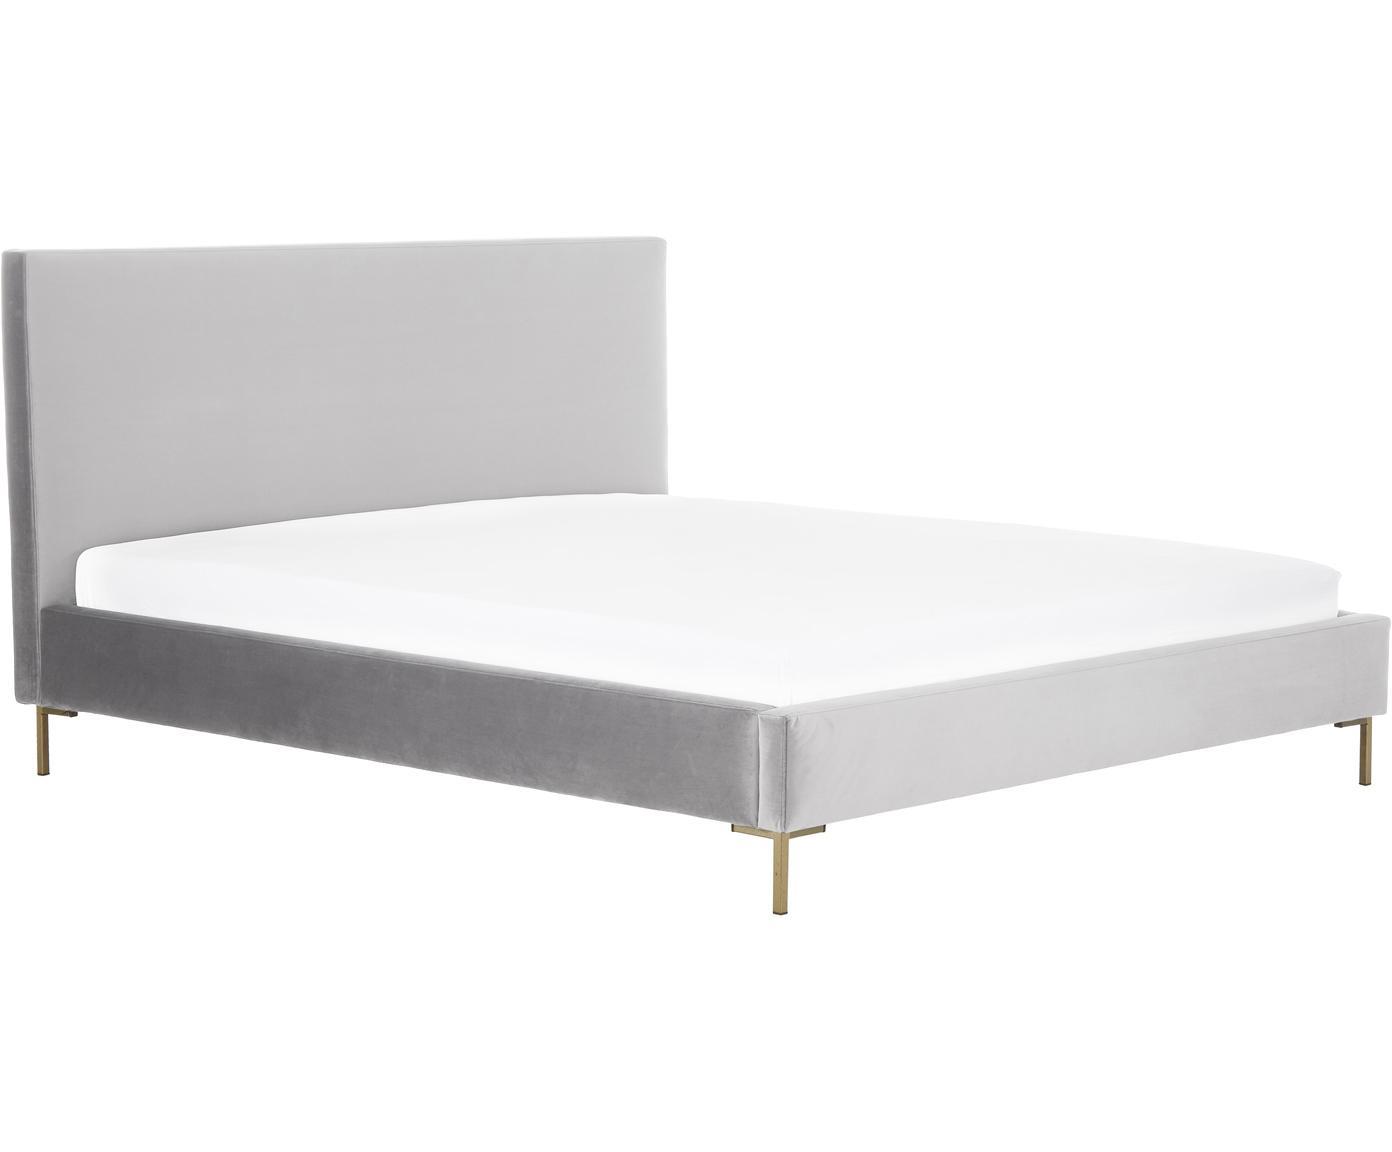 Gestoffeerd fluwelen bed Peace, Frame: massief grenenhout, Poten: gepoedercoat metaal, Bekleding: polyester fluweel, Fluweel lichtgrijs, 140 x 200 cm